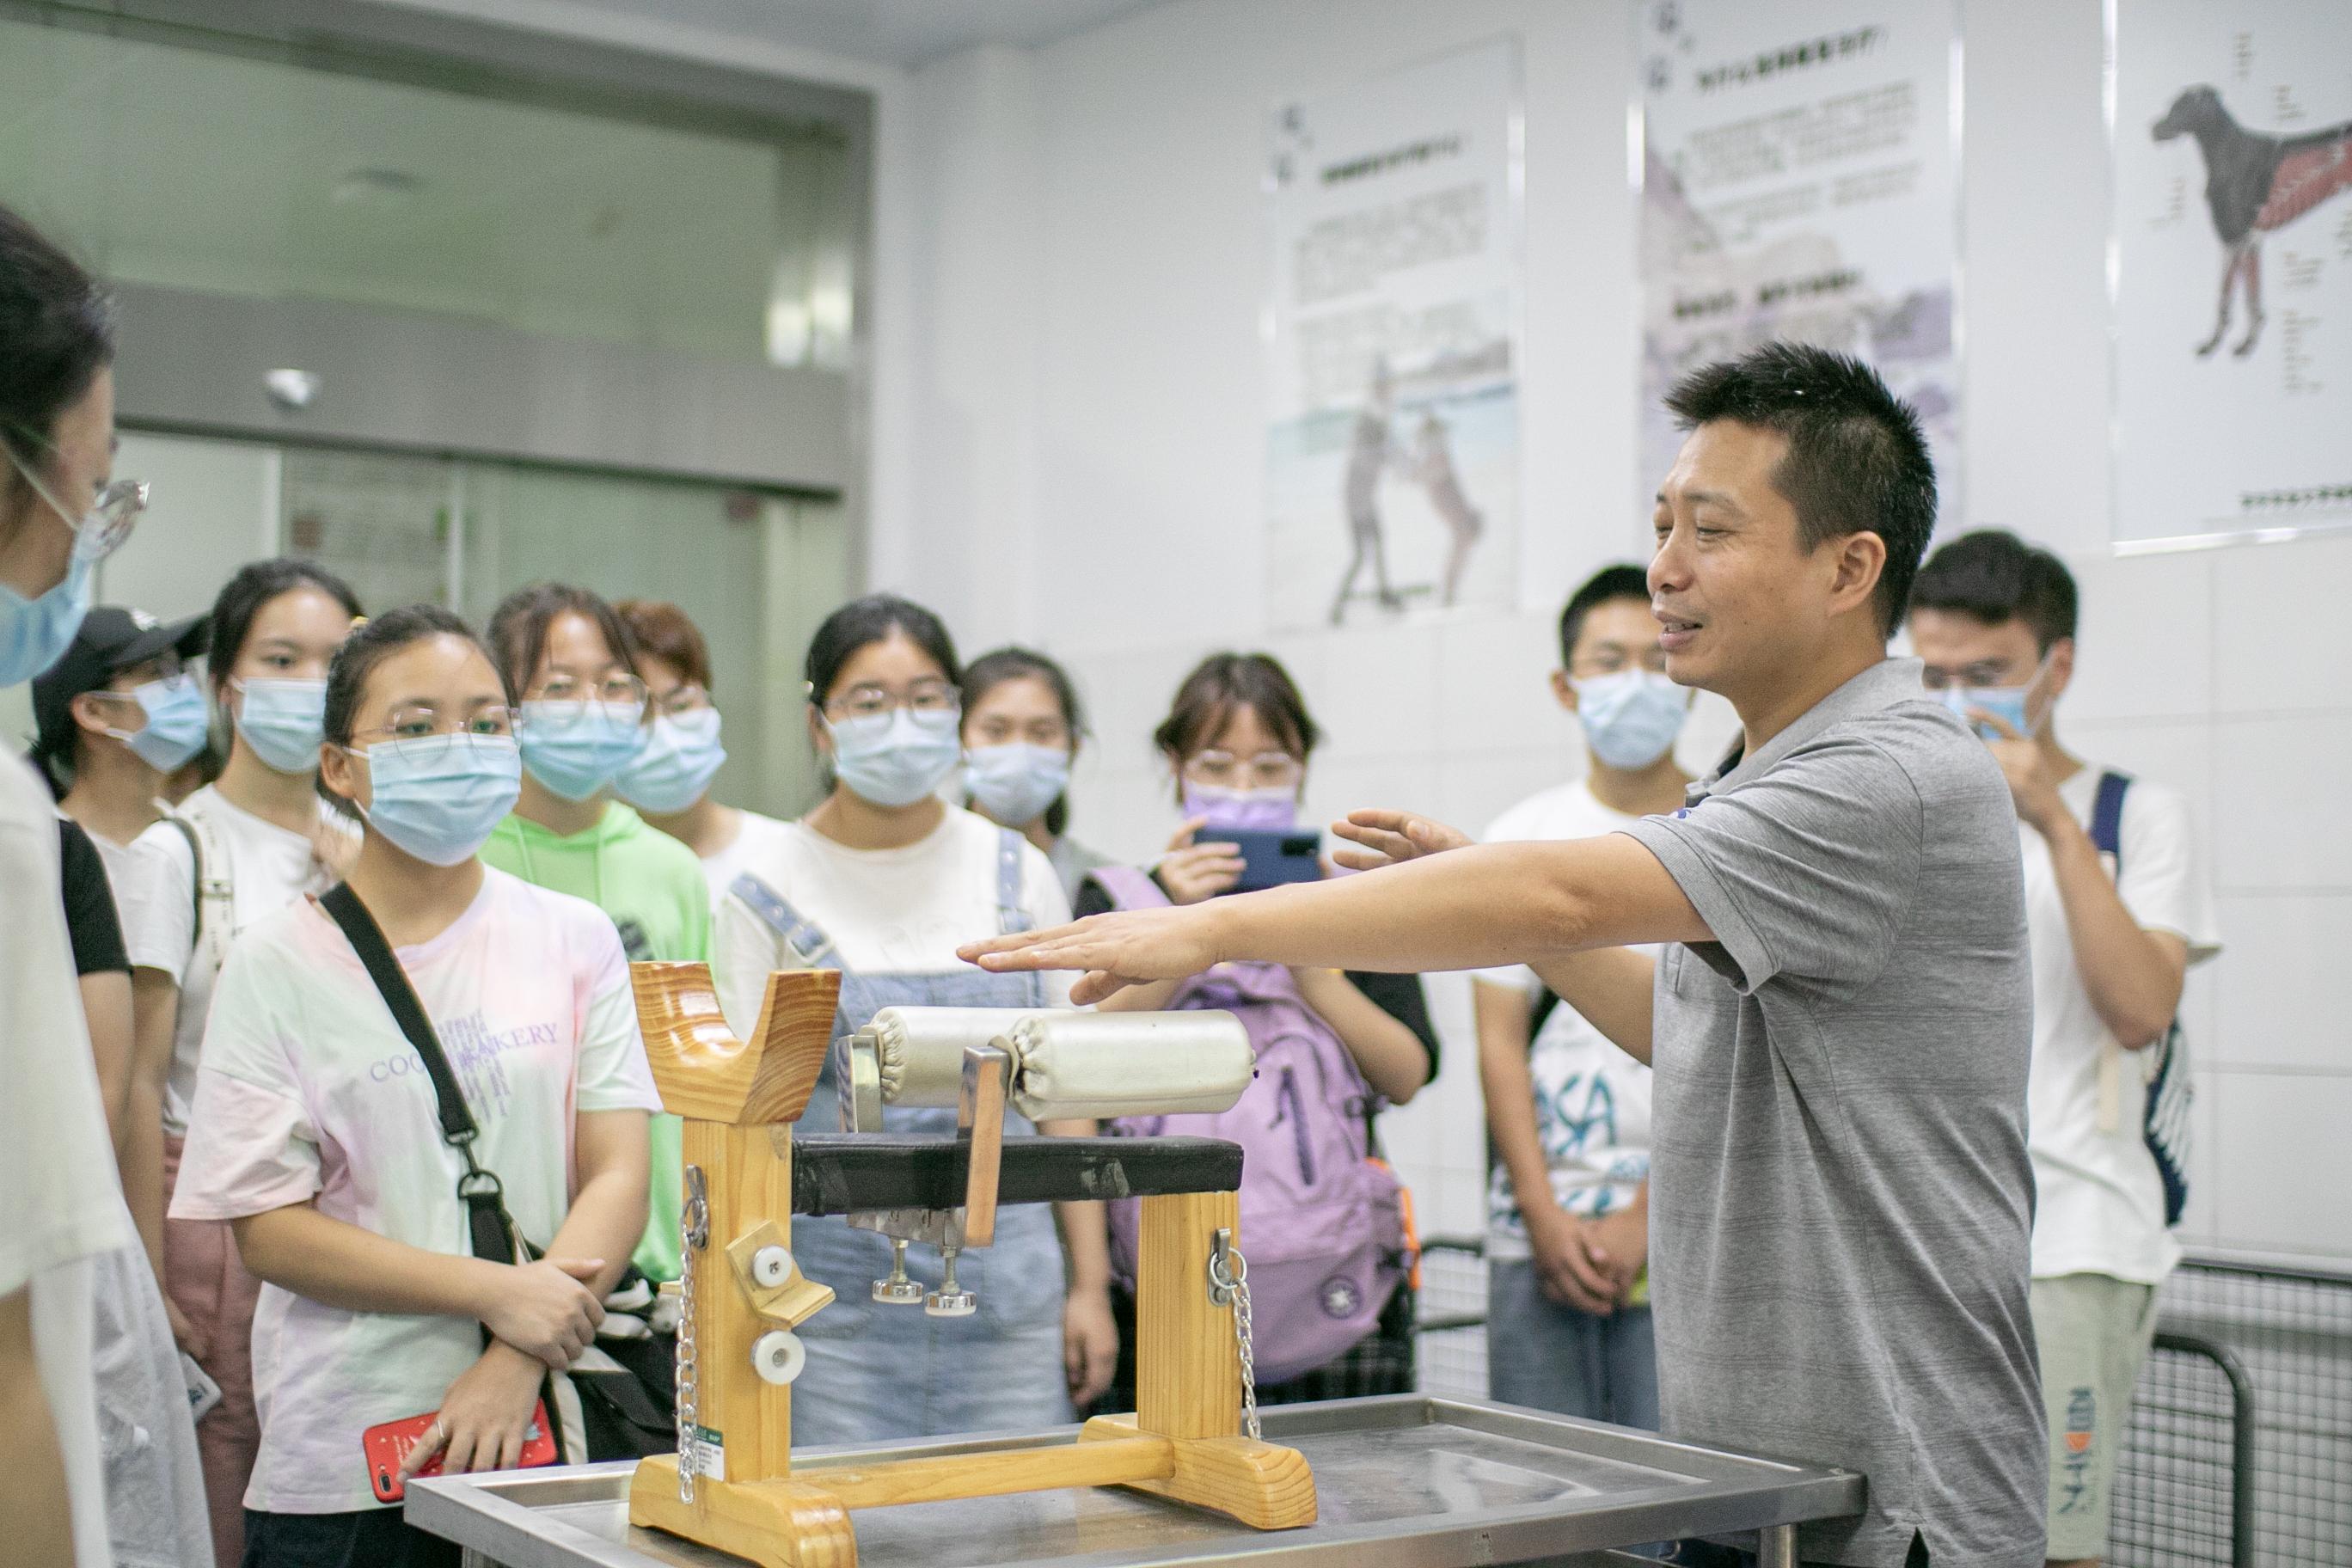 老师为同学讲解和宠物康复有关的设备(学通社记者 李靖威 摄)